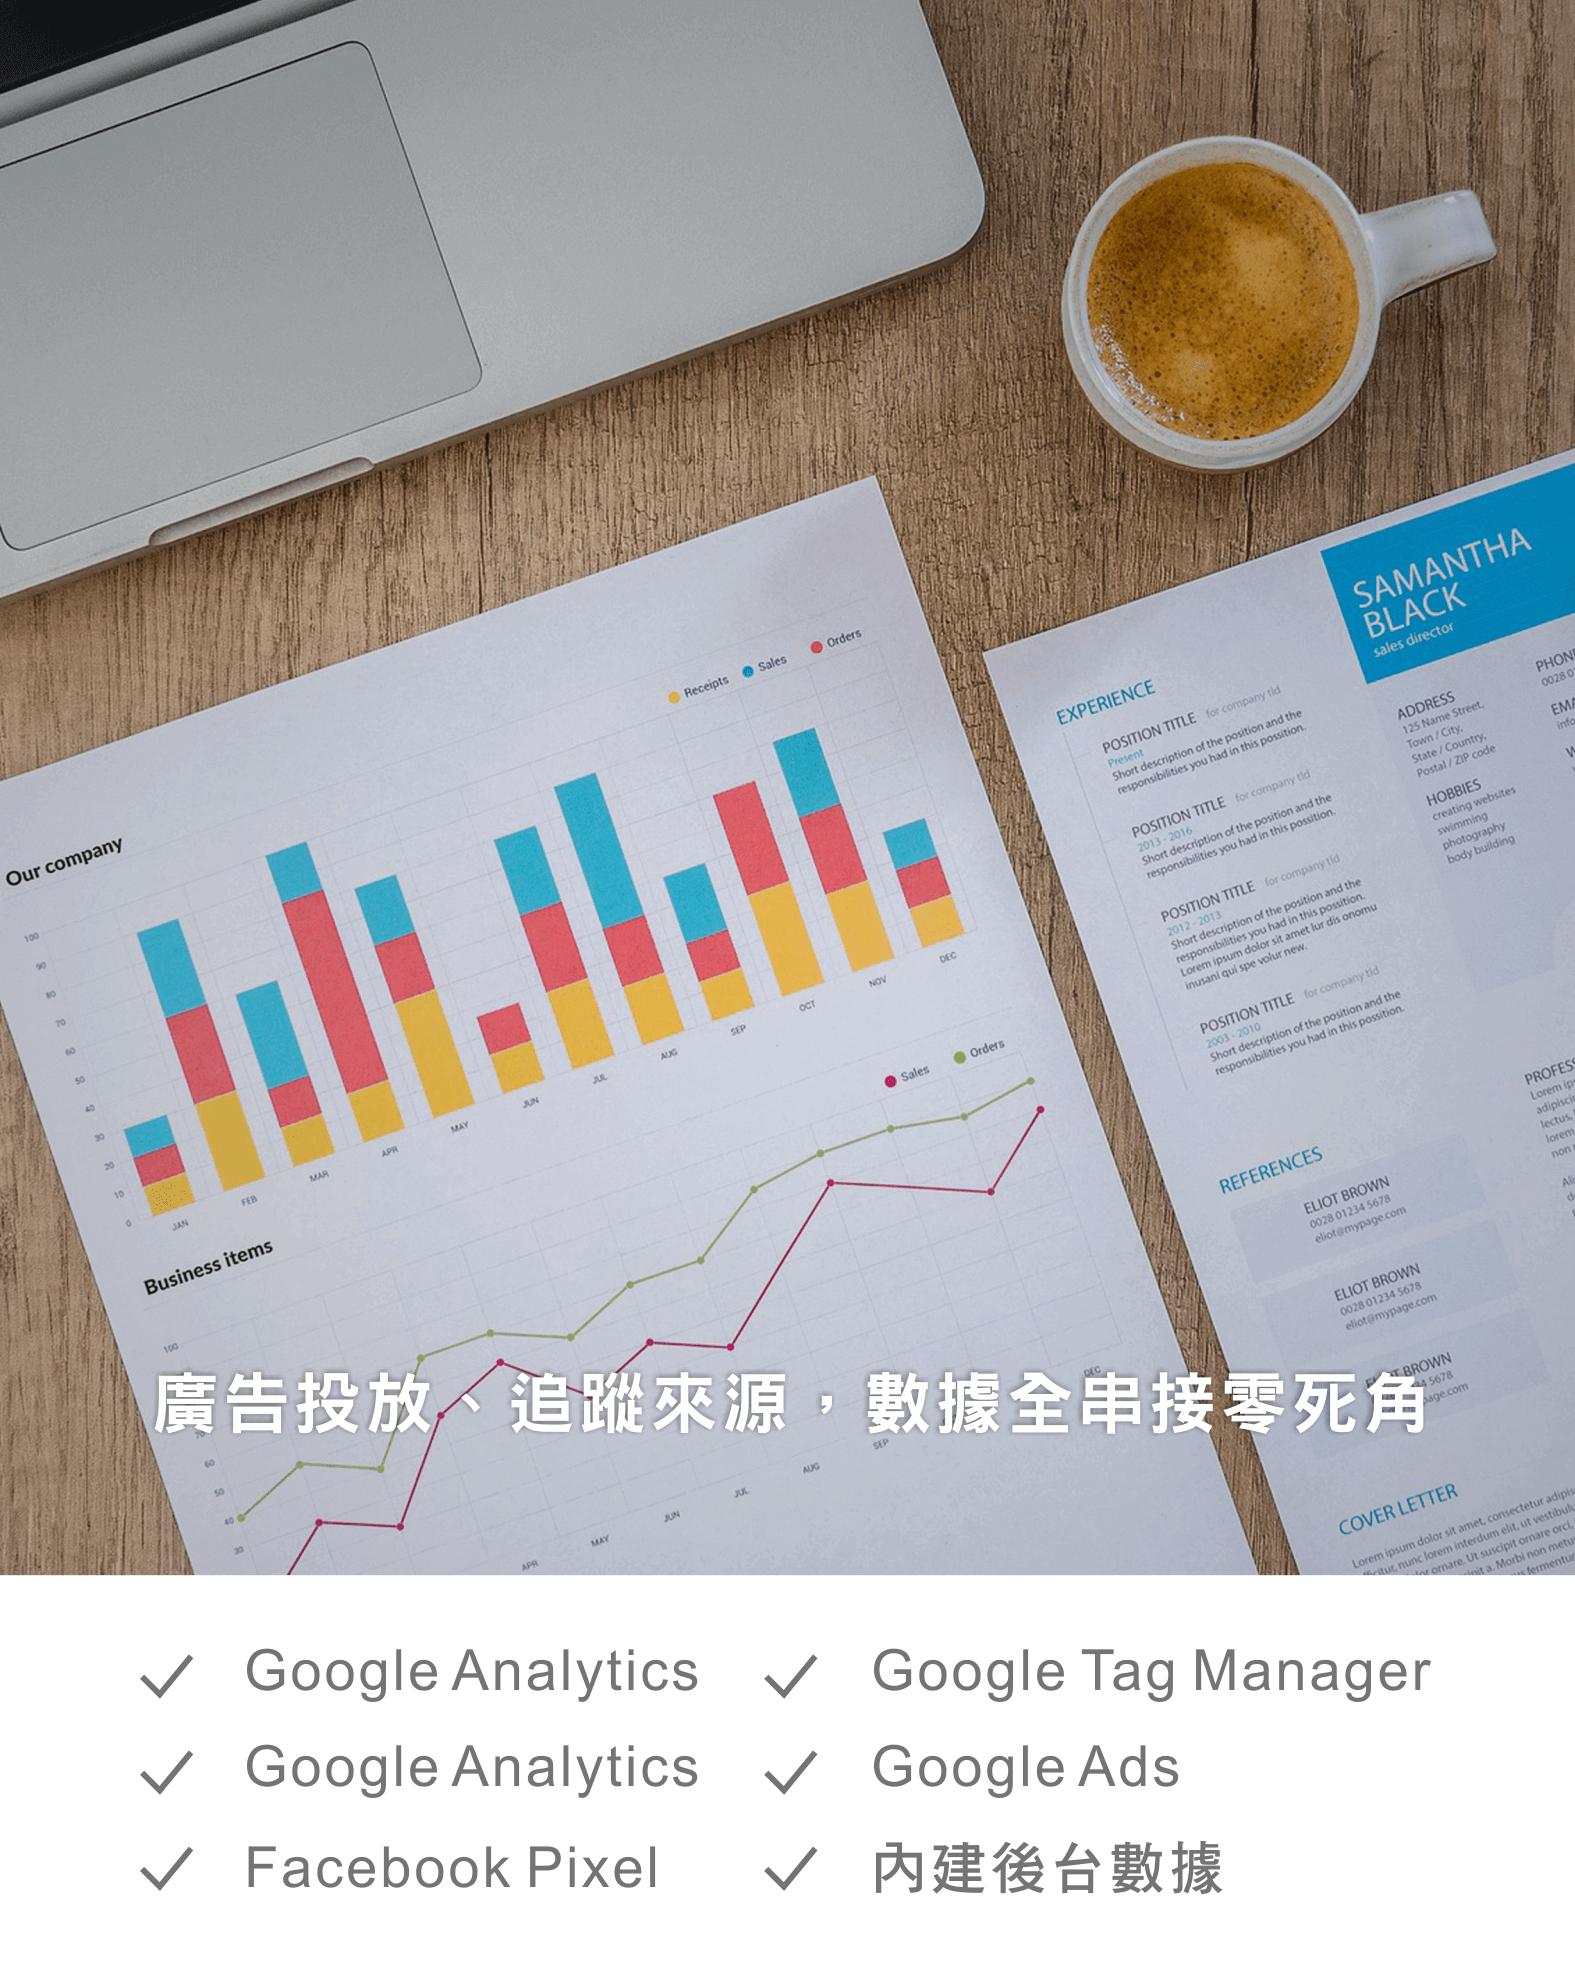 功能-數據追蹤